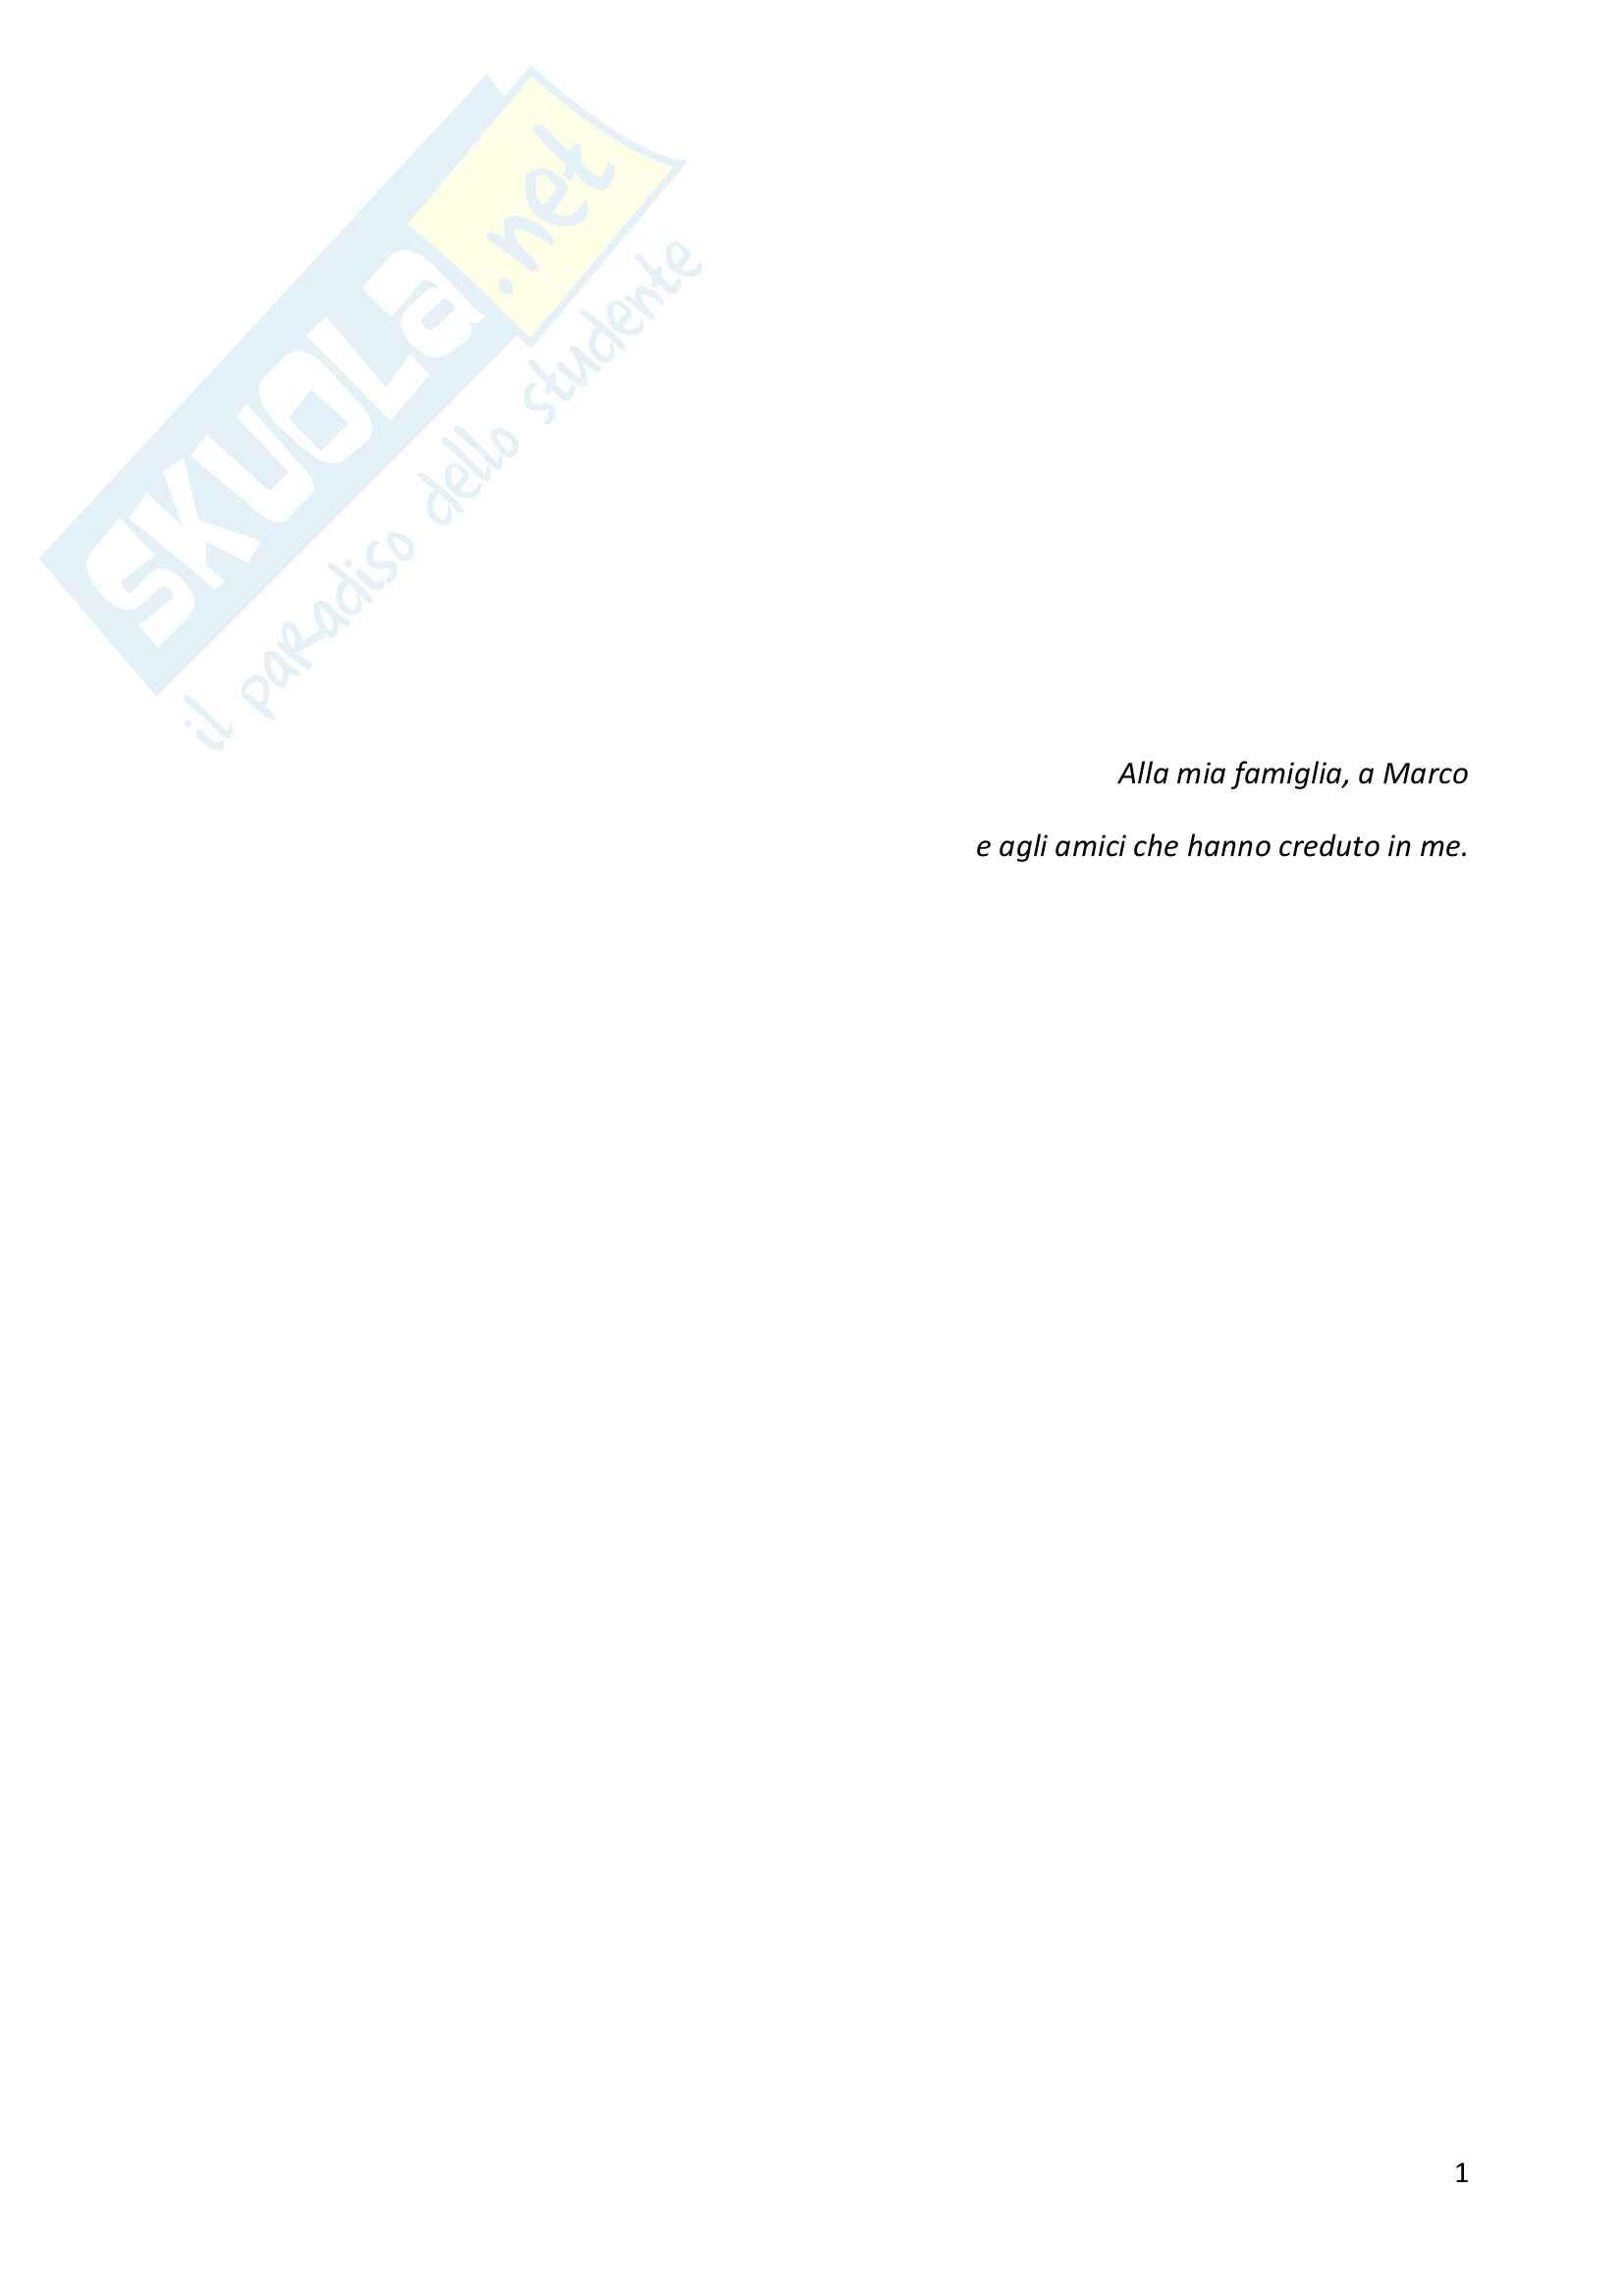 Fototerapia, uno sguardo interiore Pag. 2